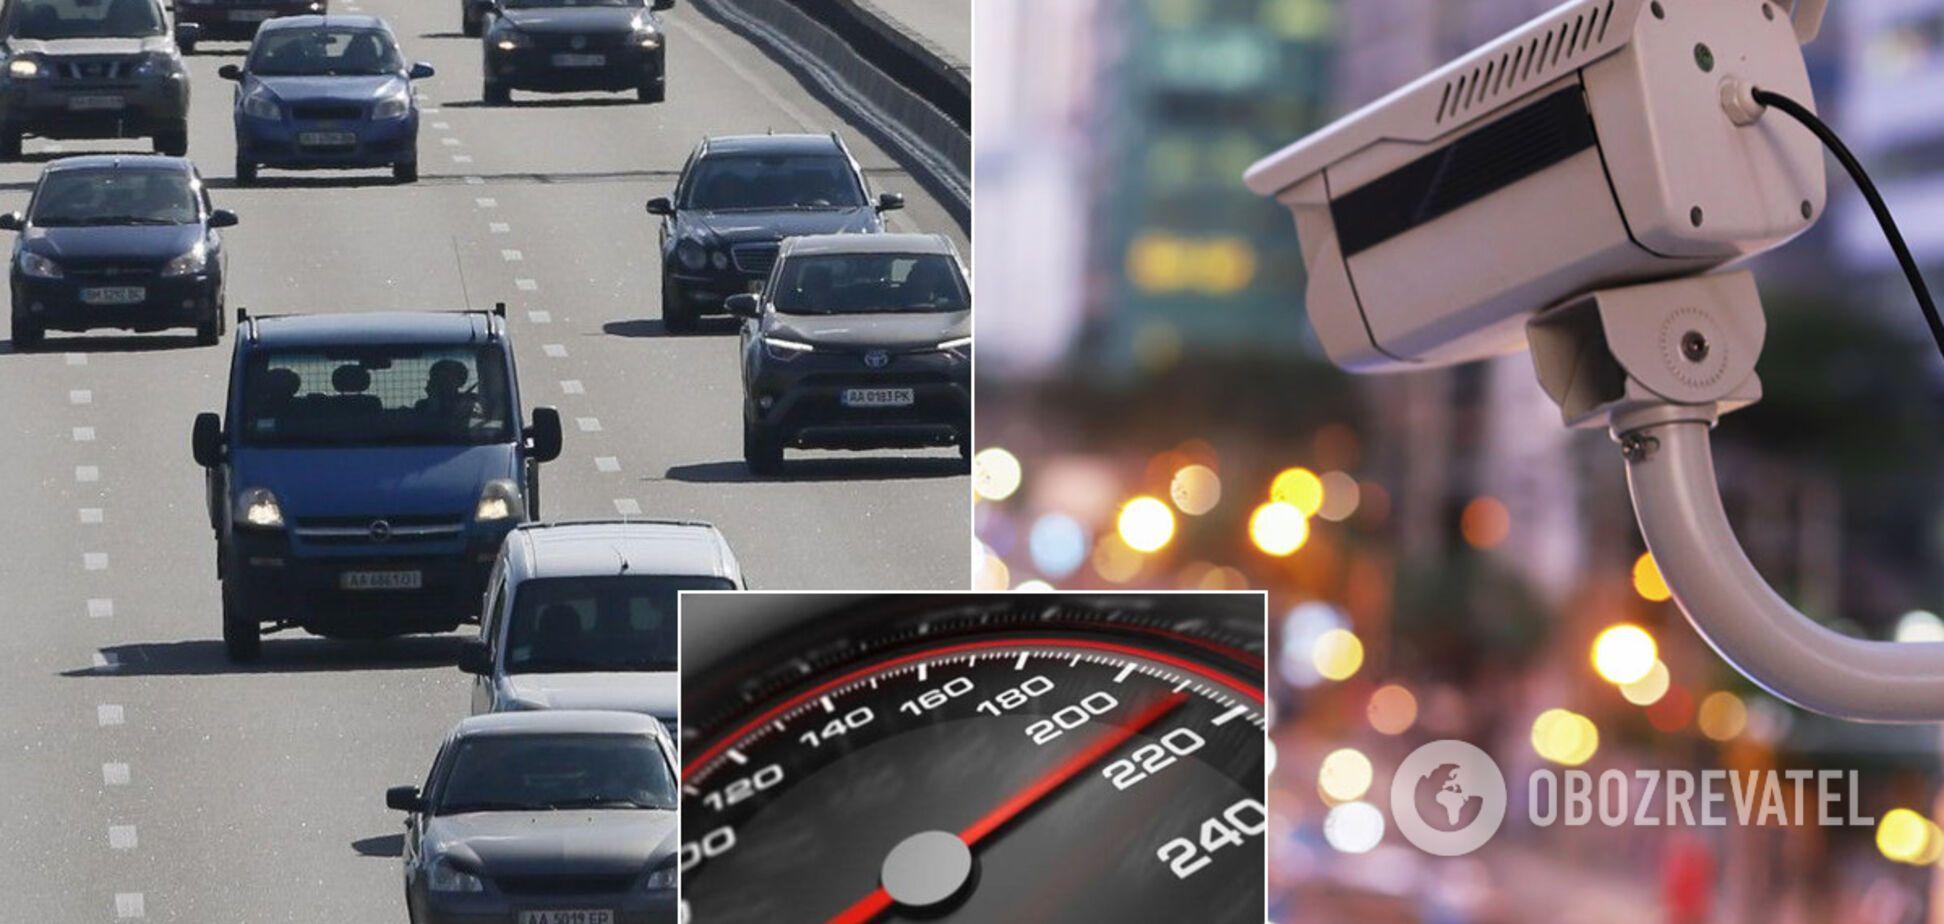 Камеры видеофиксации в Киеве сняли нарушителя ПДД